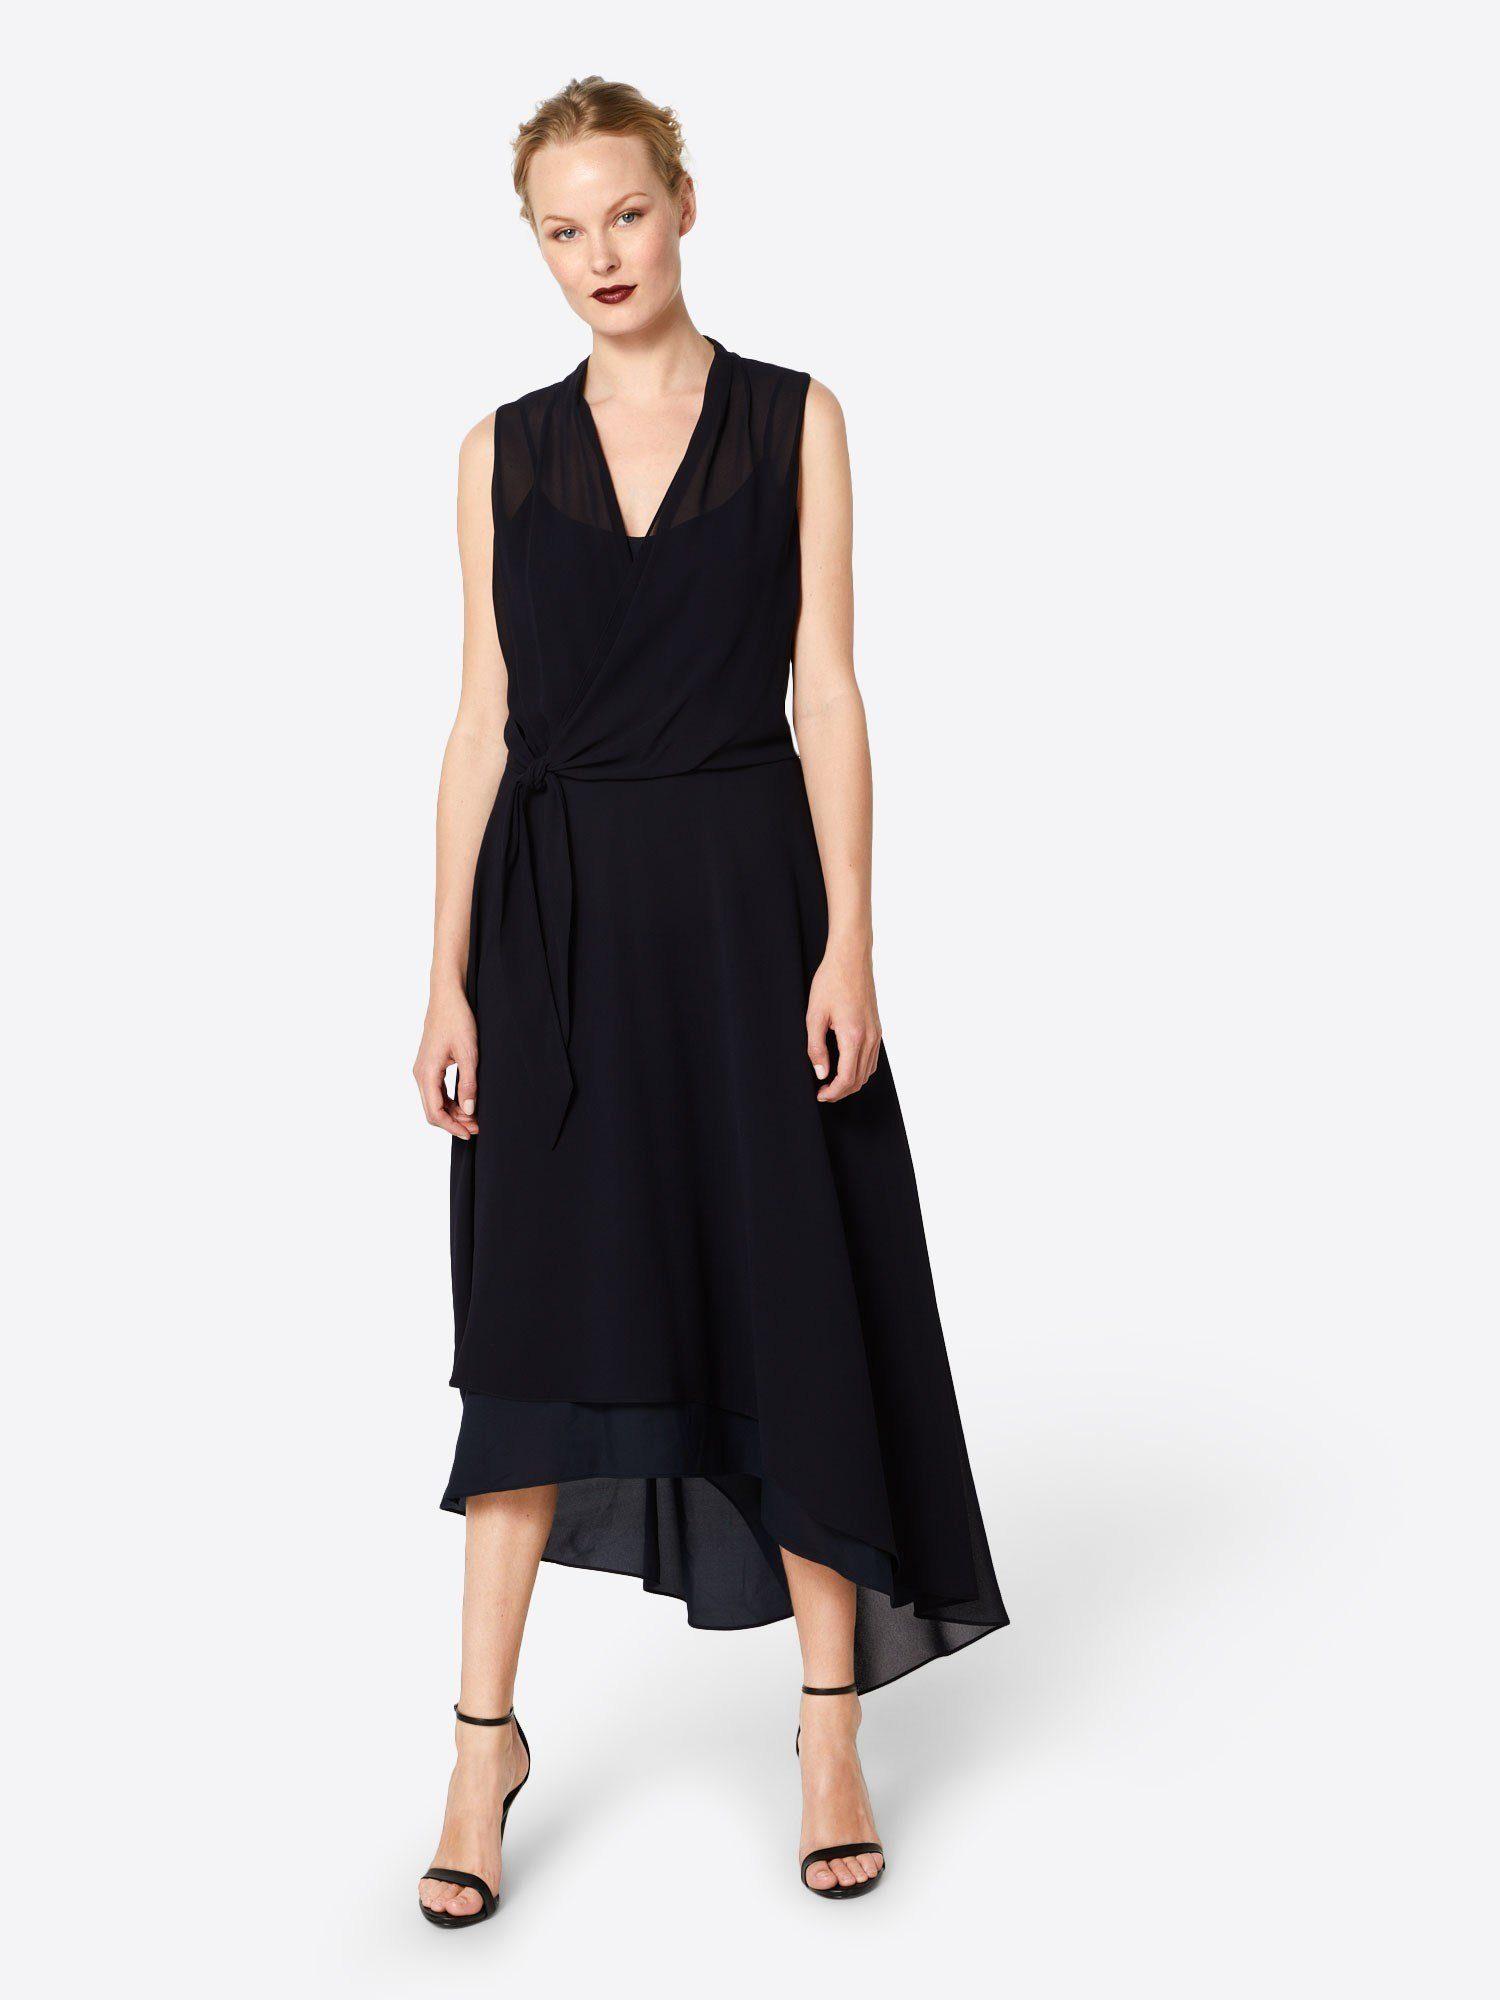 Comma Abendkleid Gerafft Online Kaufen 0OPk8nwX